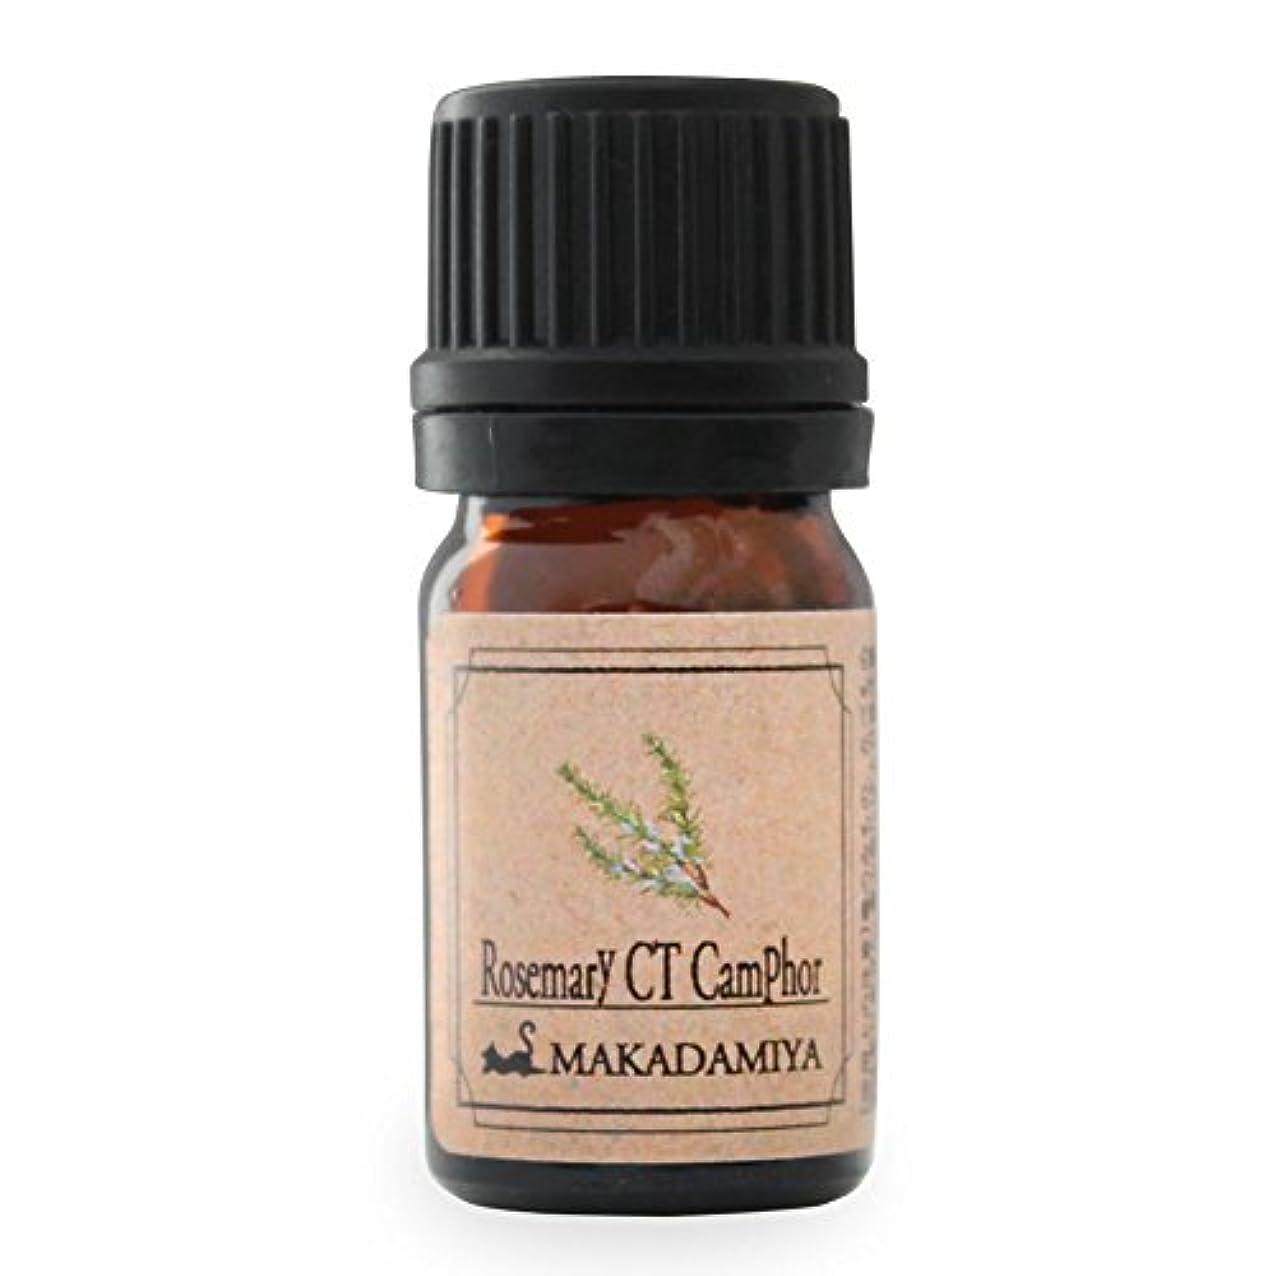 信じられない予想外酸度ローズマリーCTカンファー5ml 天然100%植物性 エッセンシャルオイル(精油) アロマオイル アロママッサージ aroma Rosemary